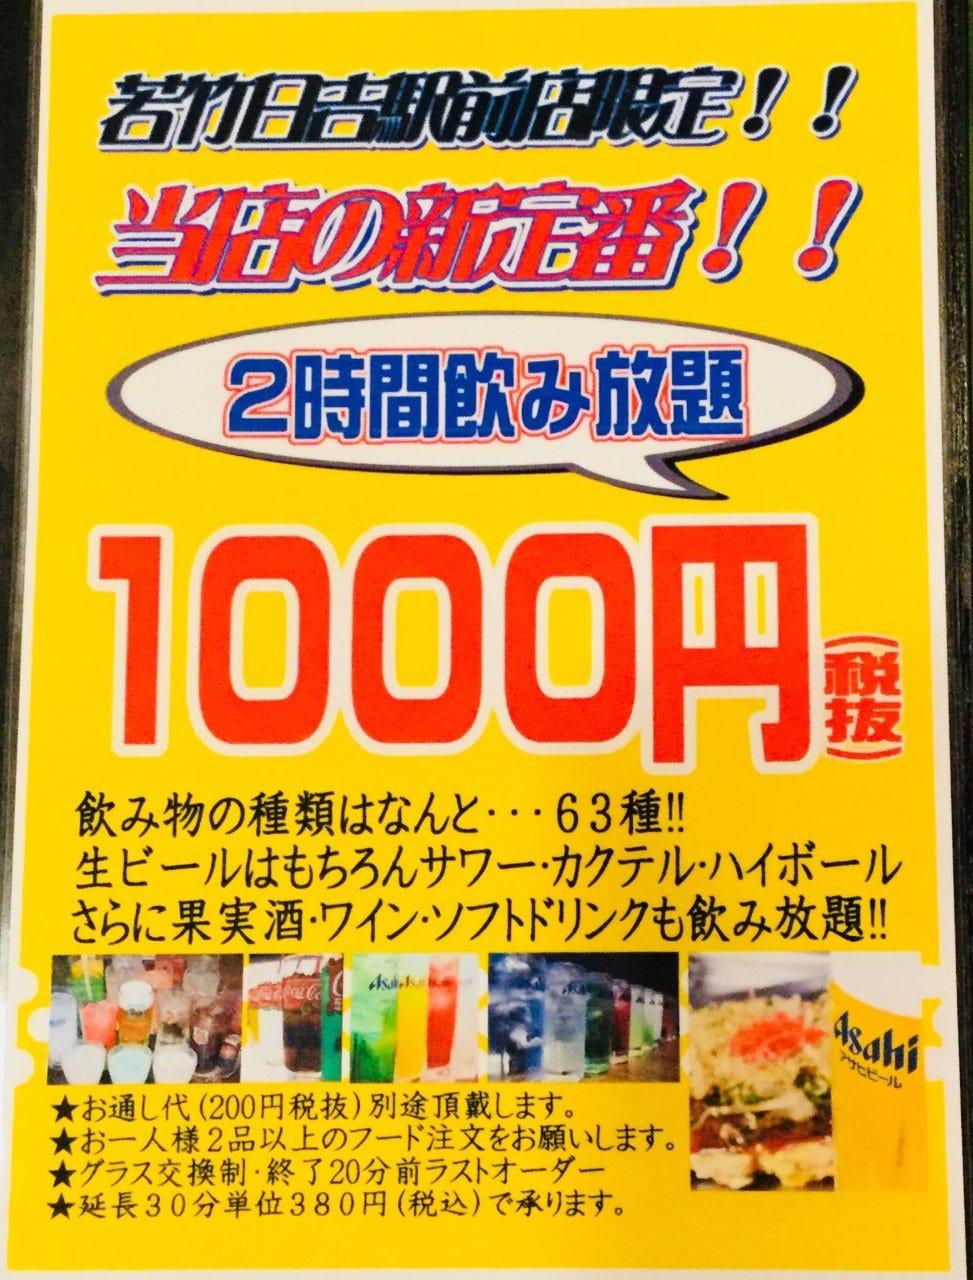 二次会に最適♪♪若竹日吉駅前店 限定!!2時間飲み放題1,000円(税抜)!